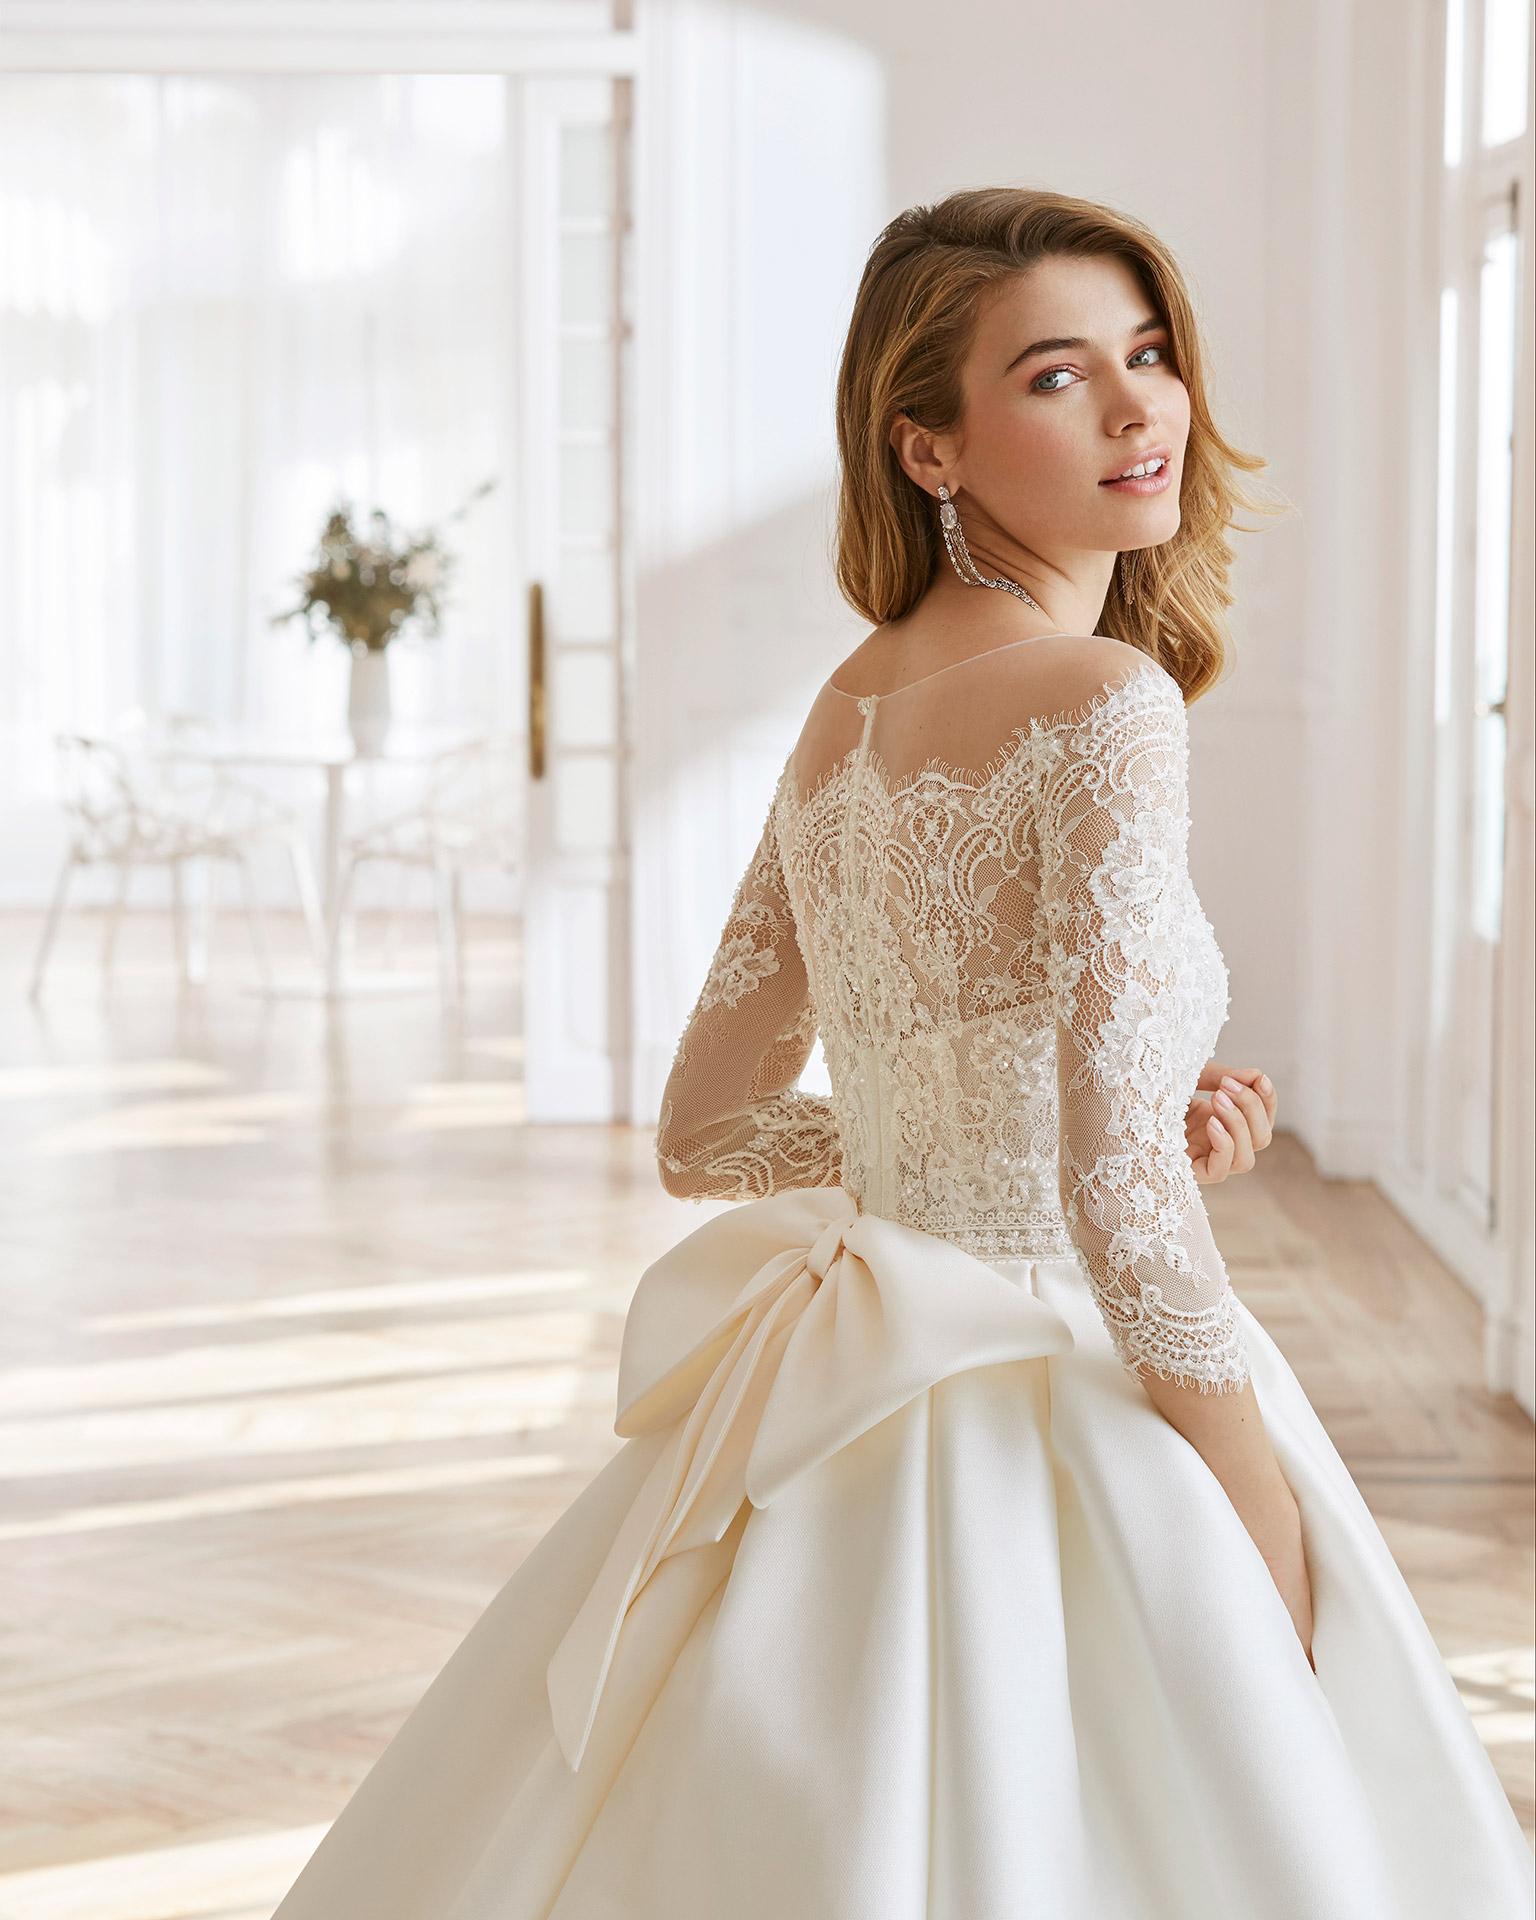 アイラバルセロナ ウェデイングドレス2021 販売